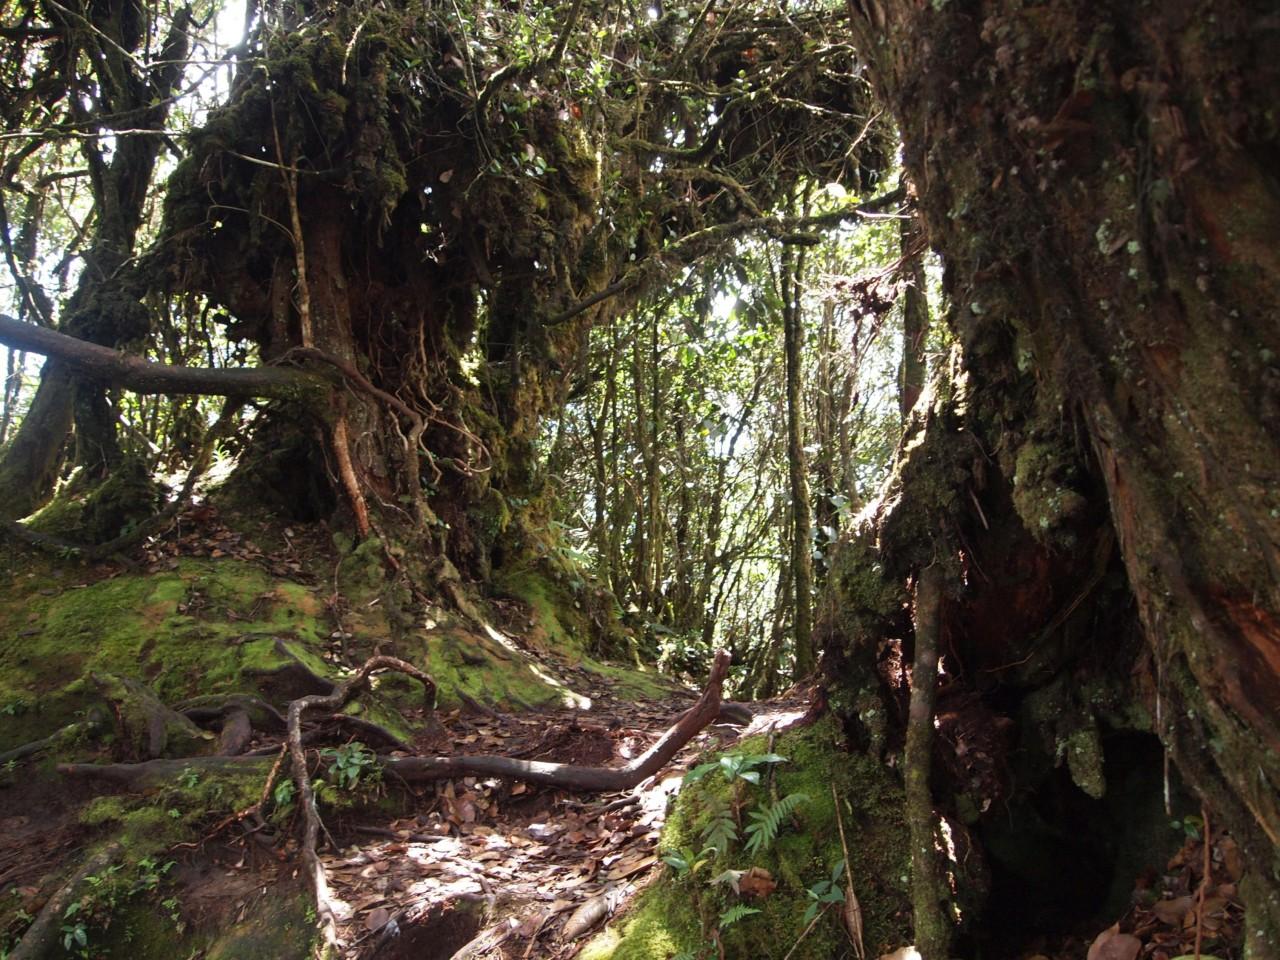 Durch die milden Temperaturen ist in dieser Höhe der Dschungel mit viel Moos bewachsen.